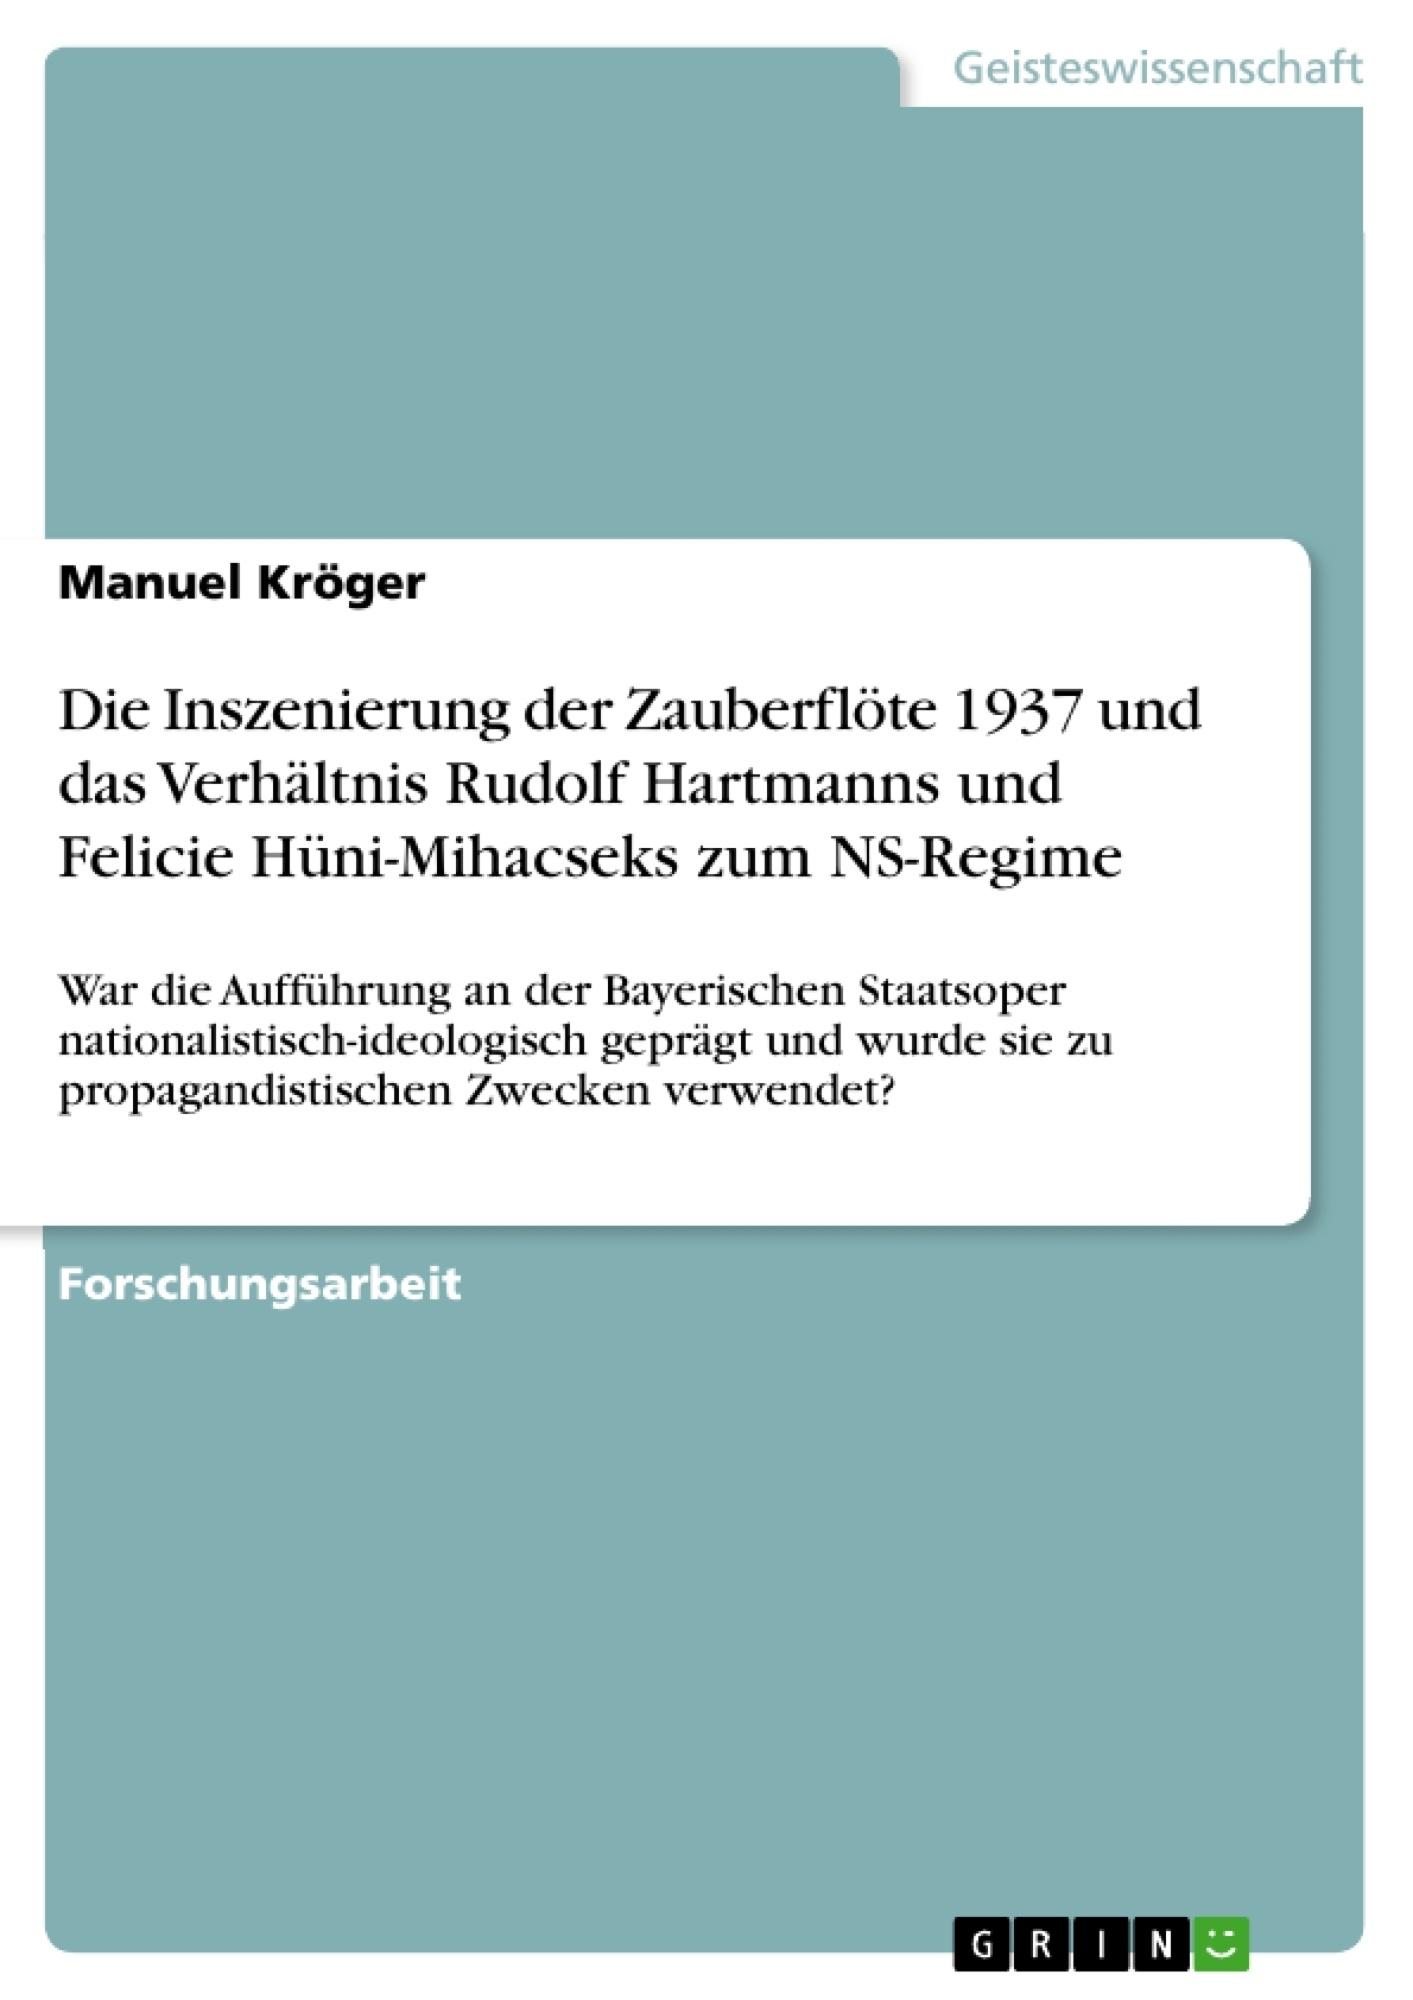 Titel: Die Inszenierung der Zauberflöte 1937 und das Verhältnis Rudolf Hartmanns und Felicie Hüni-Mihacseks zum NS-Regime